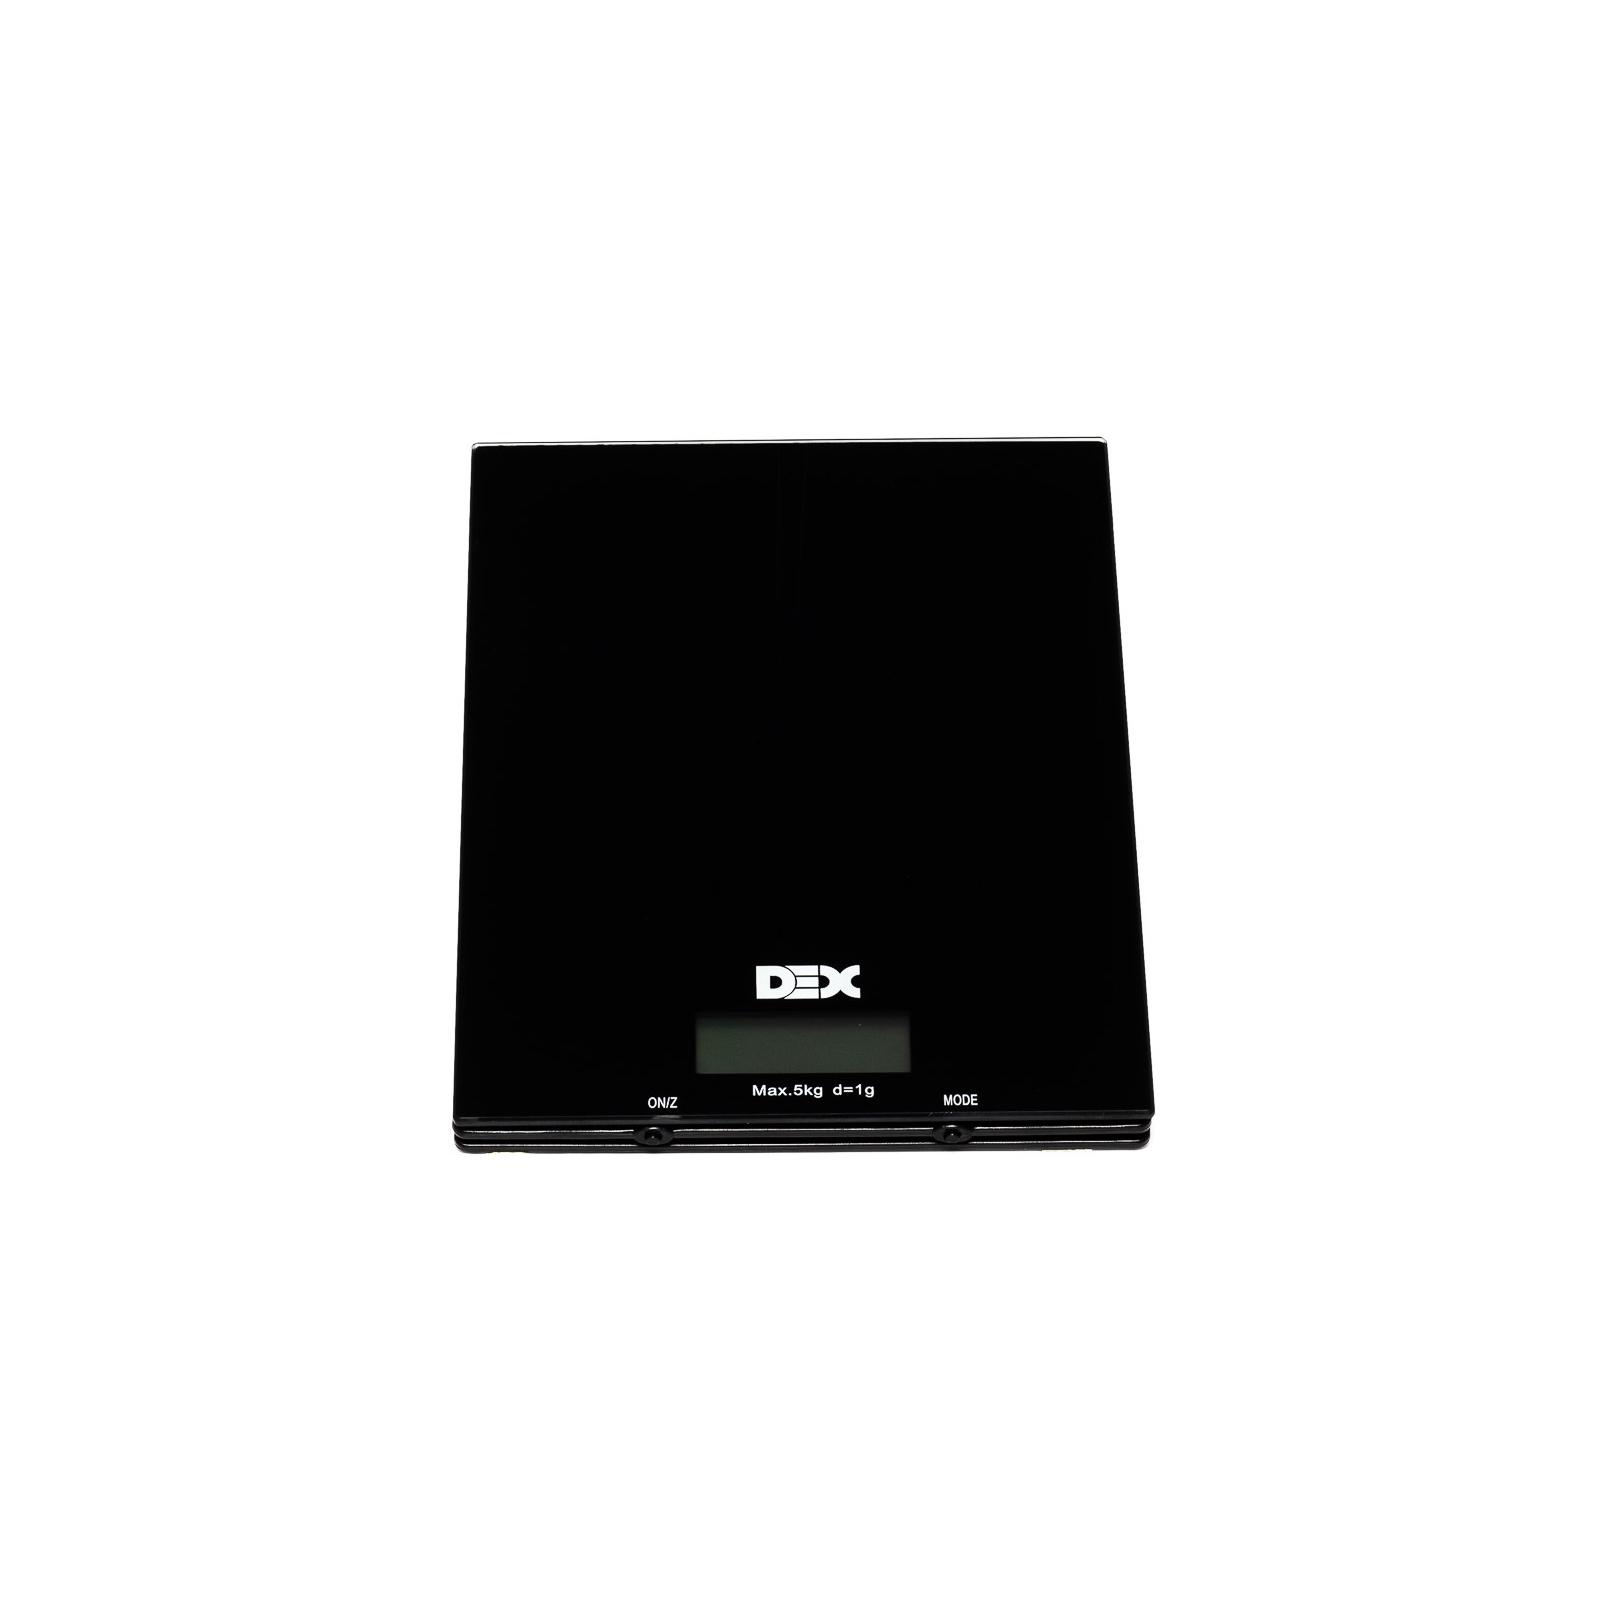 Весы кухонные DEX DKS-402